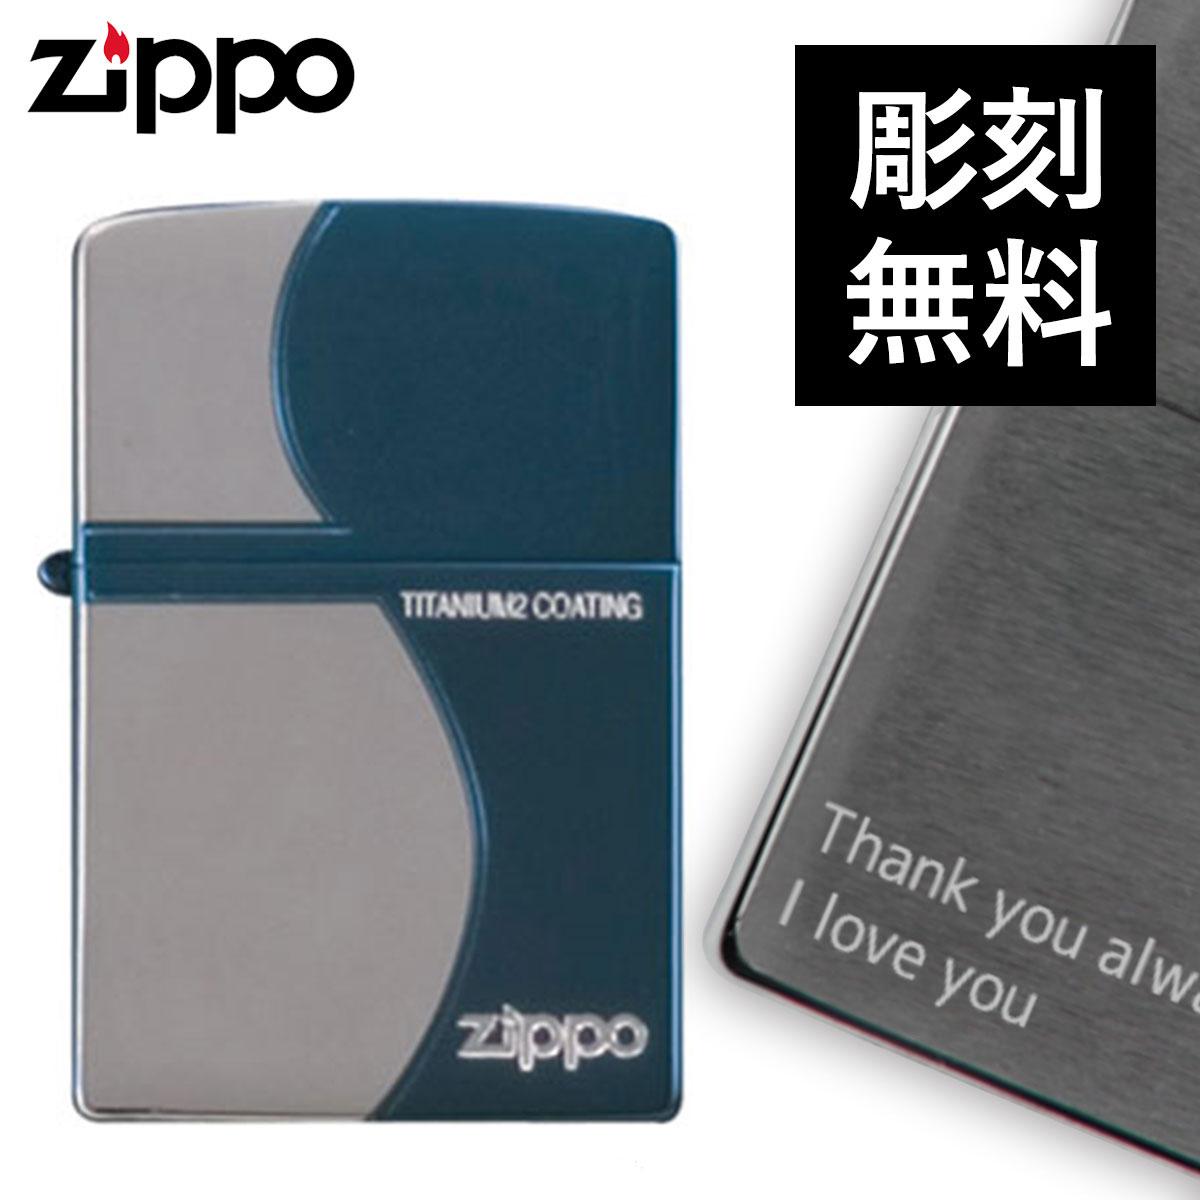 ◆期間限定P10◆ zippo 名入れ ジッポー ライター チタン キズがつきにくい TNB6 名入れ ギフト オイルライター ジッポライター ギフト プレゼント 彼氏 男性 メンズ